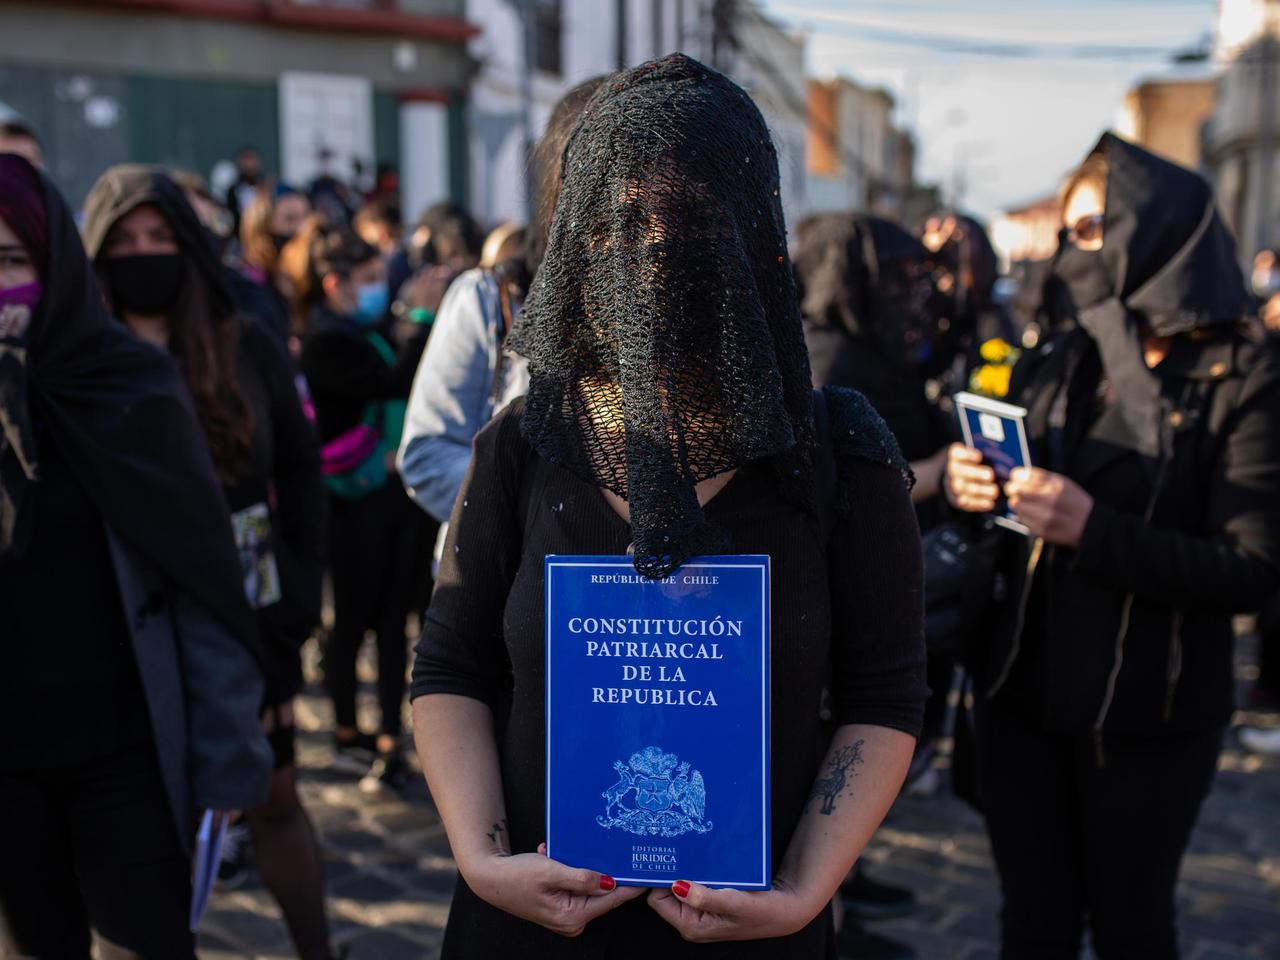 Las Tesis hacen un funeral en el mar para la Constitución de Chile